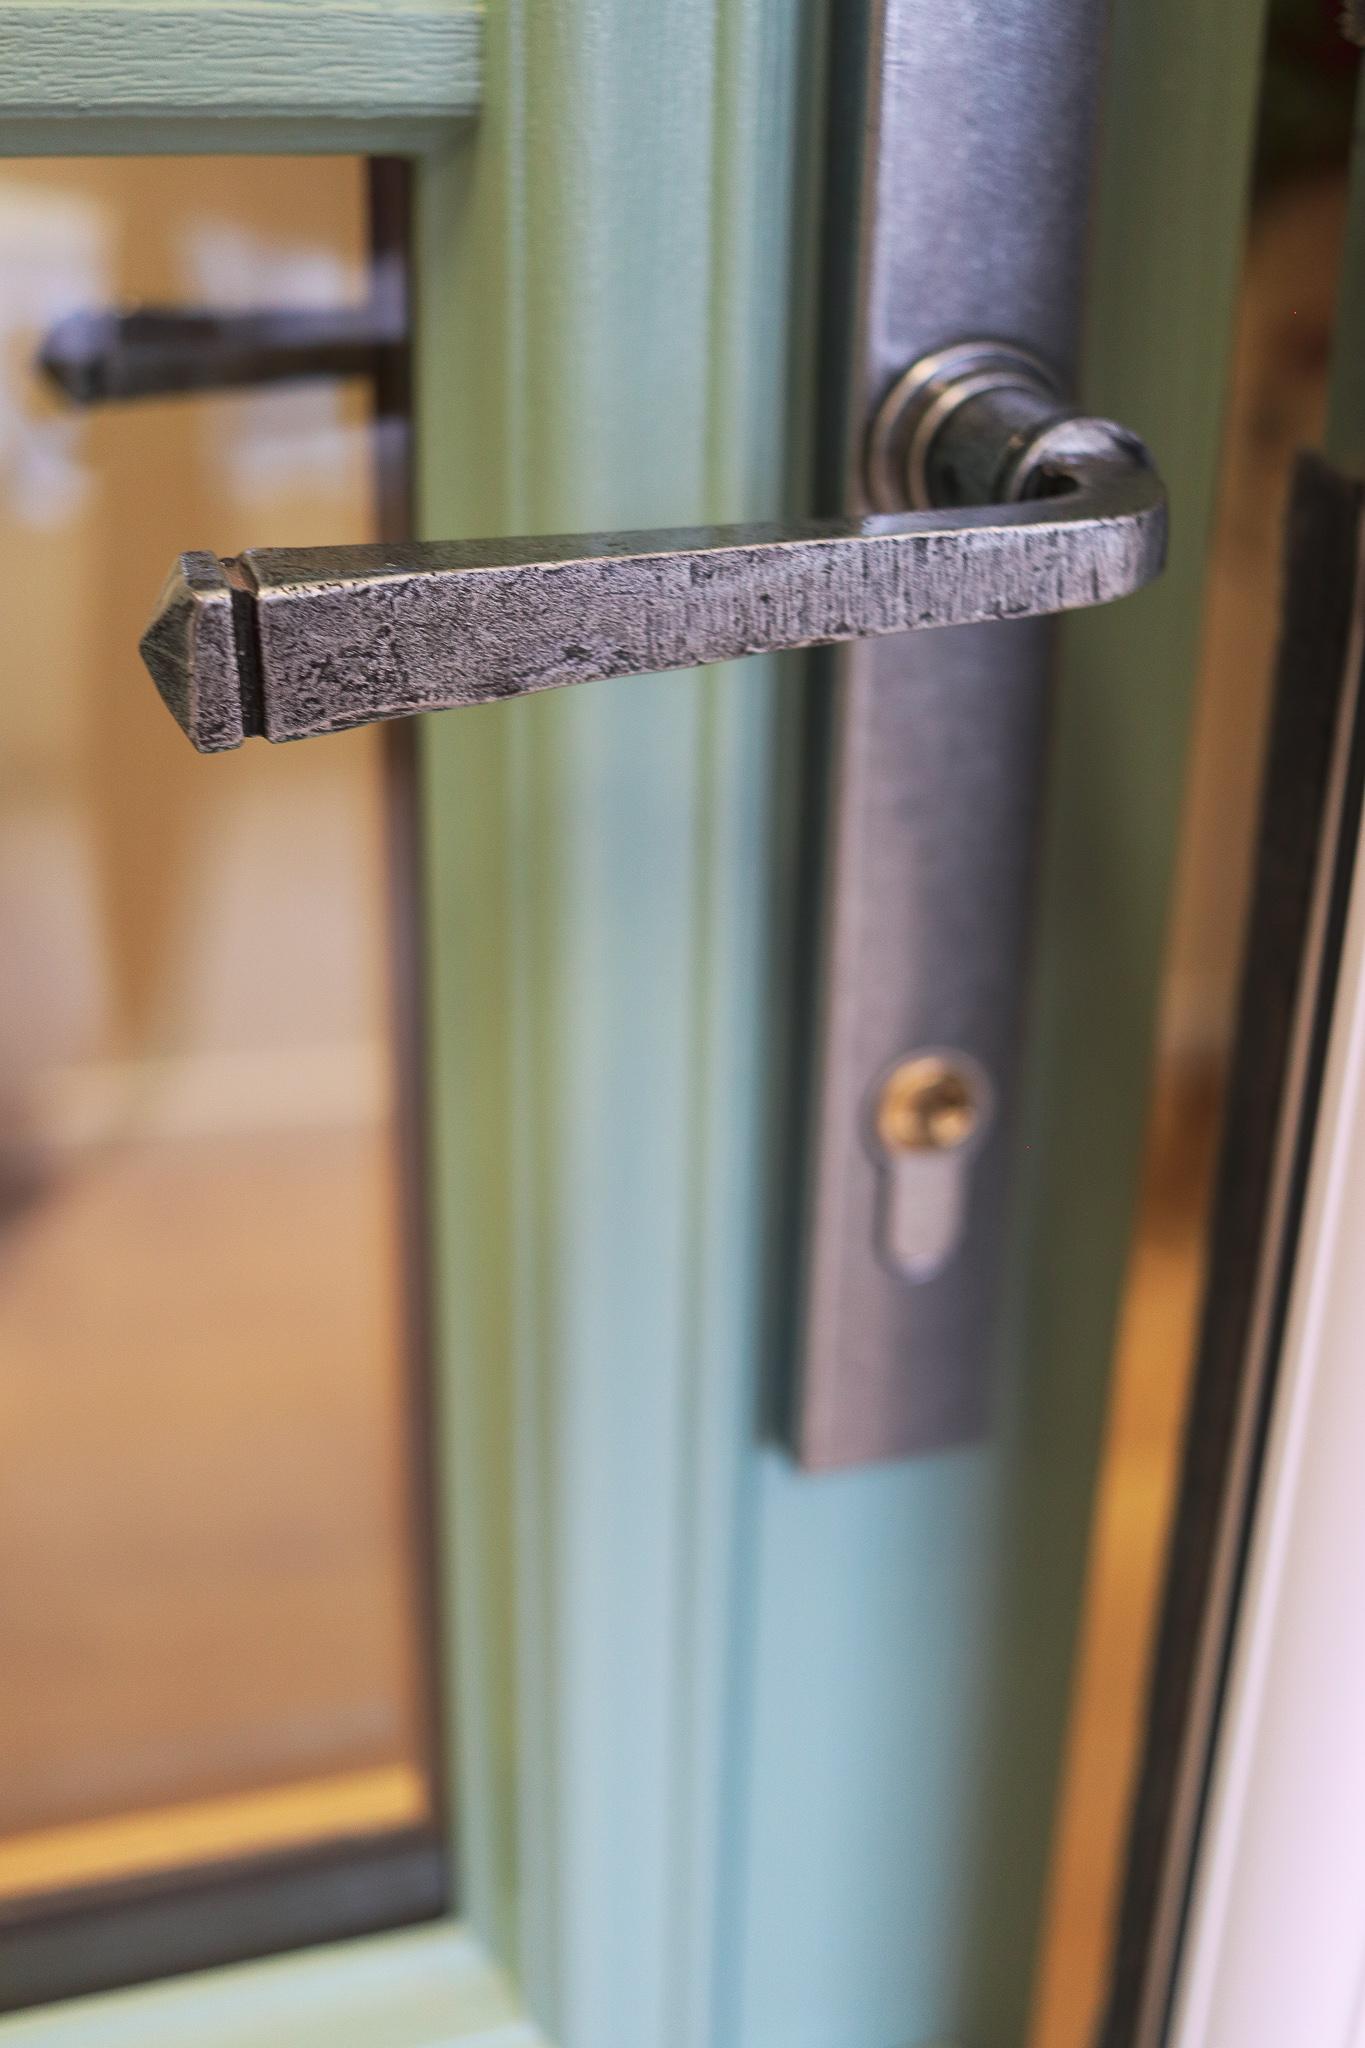 View of a door handle design surrounded by green door frame.